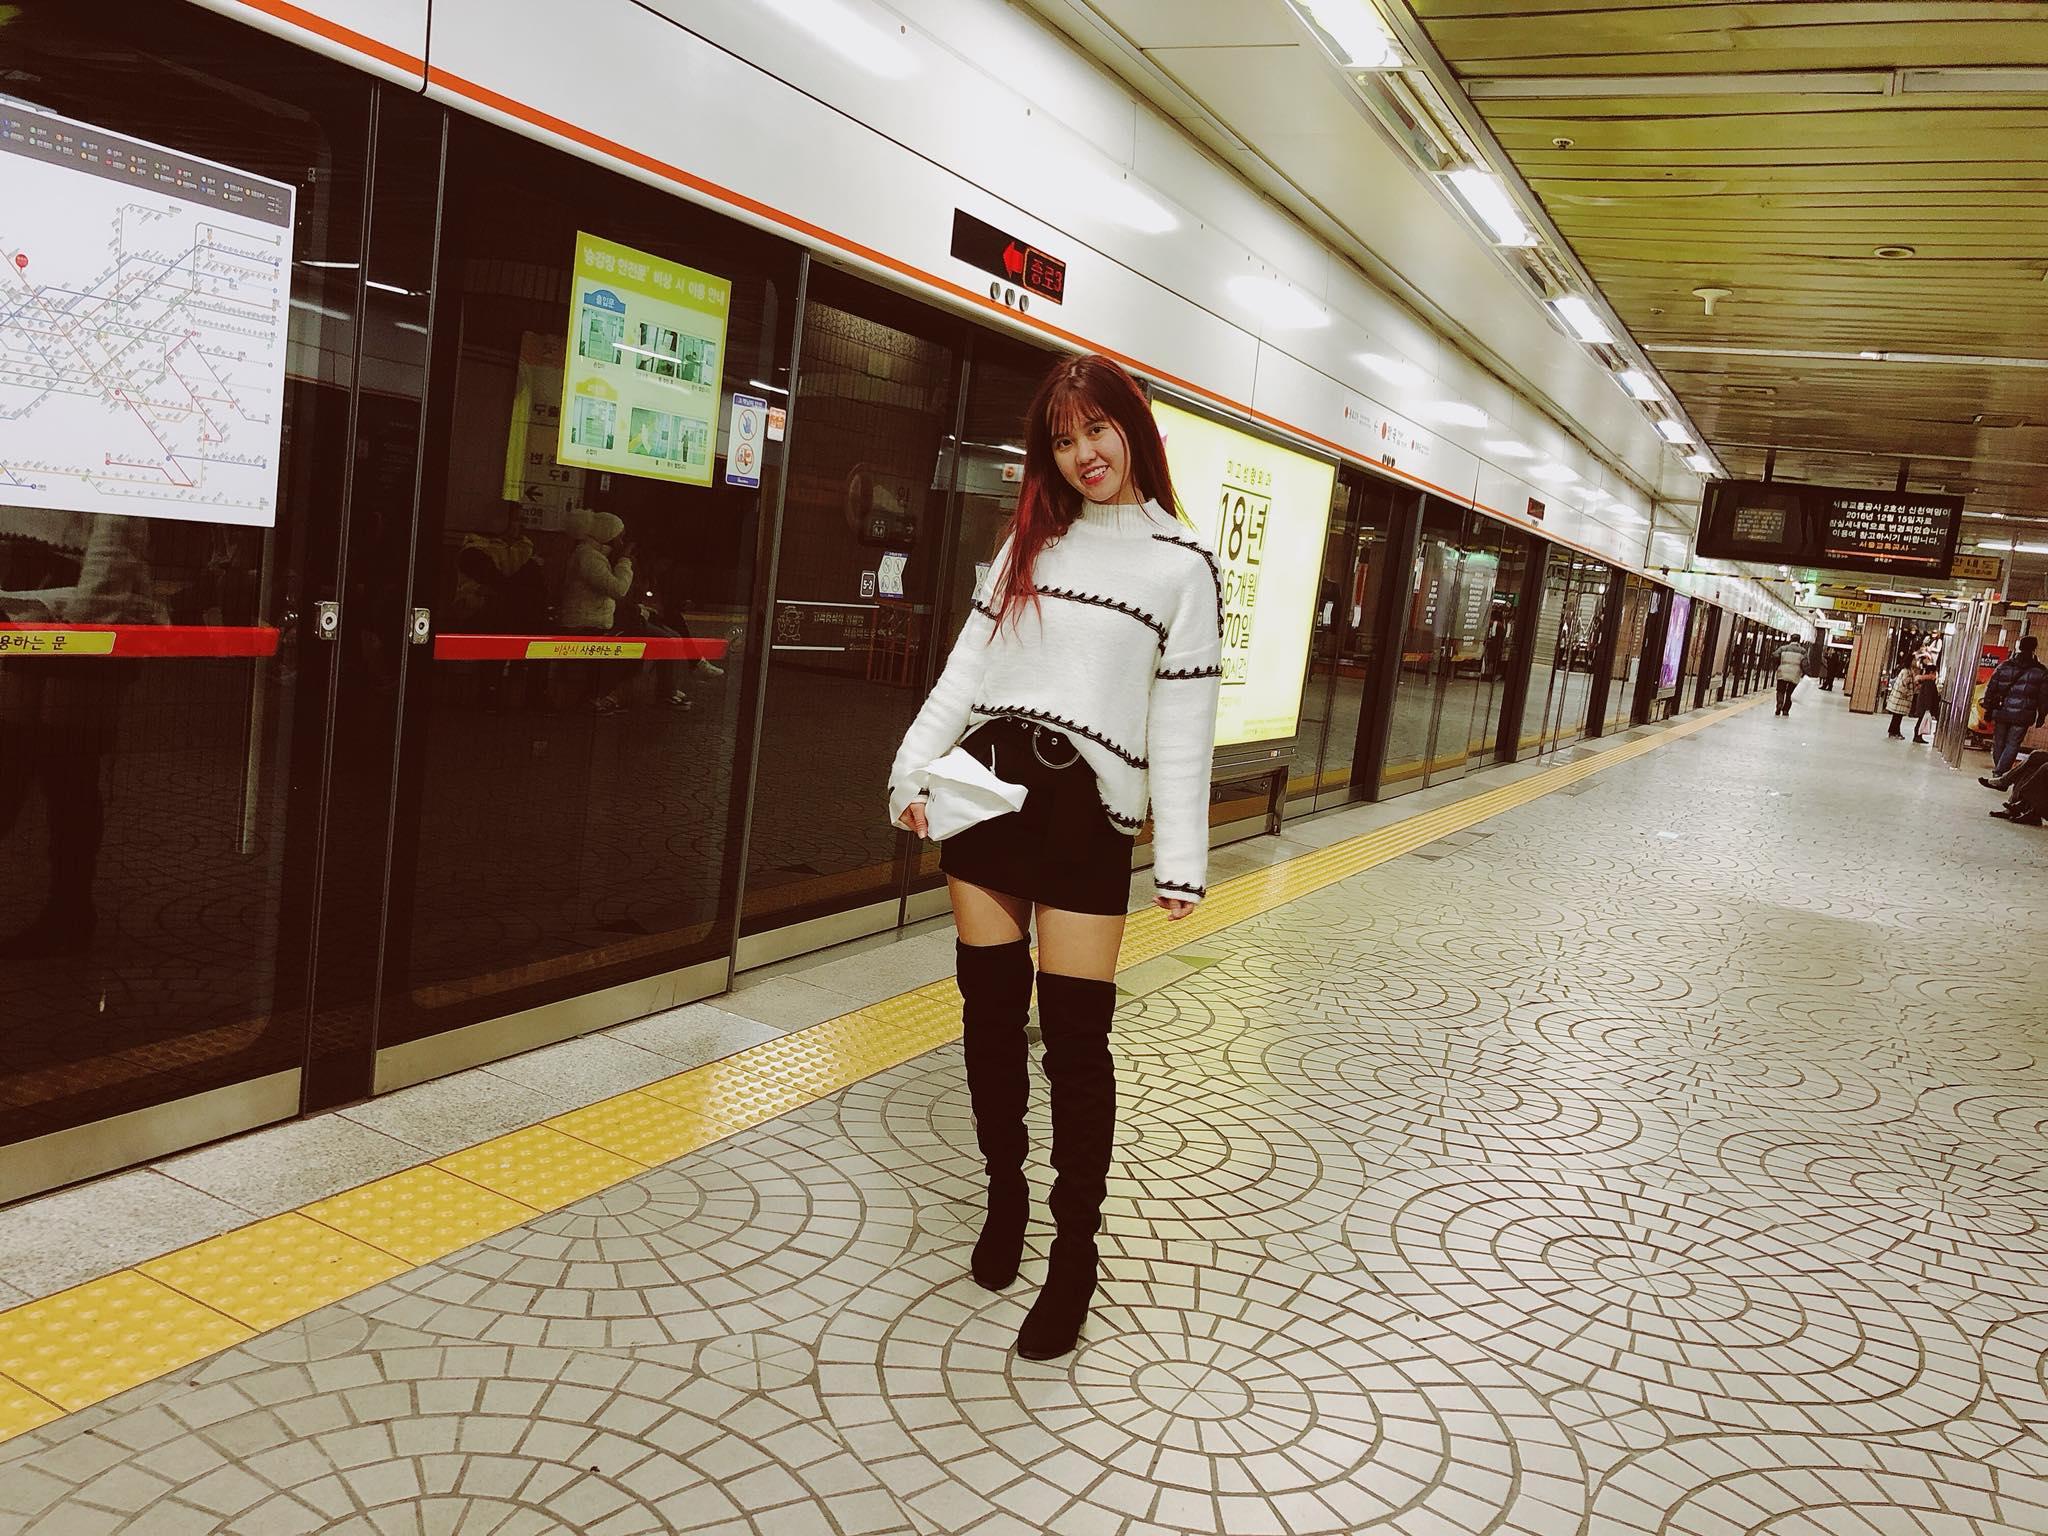 đi tàu điện ngầm ở seoul